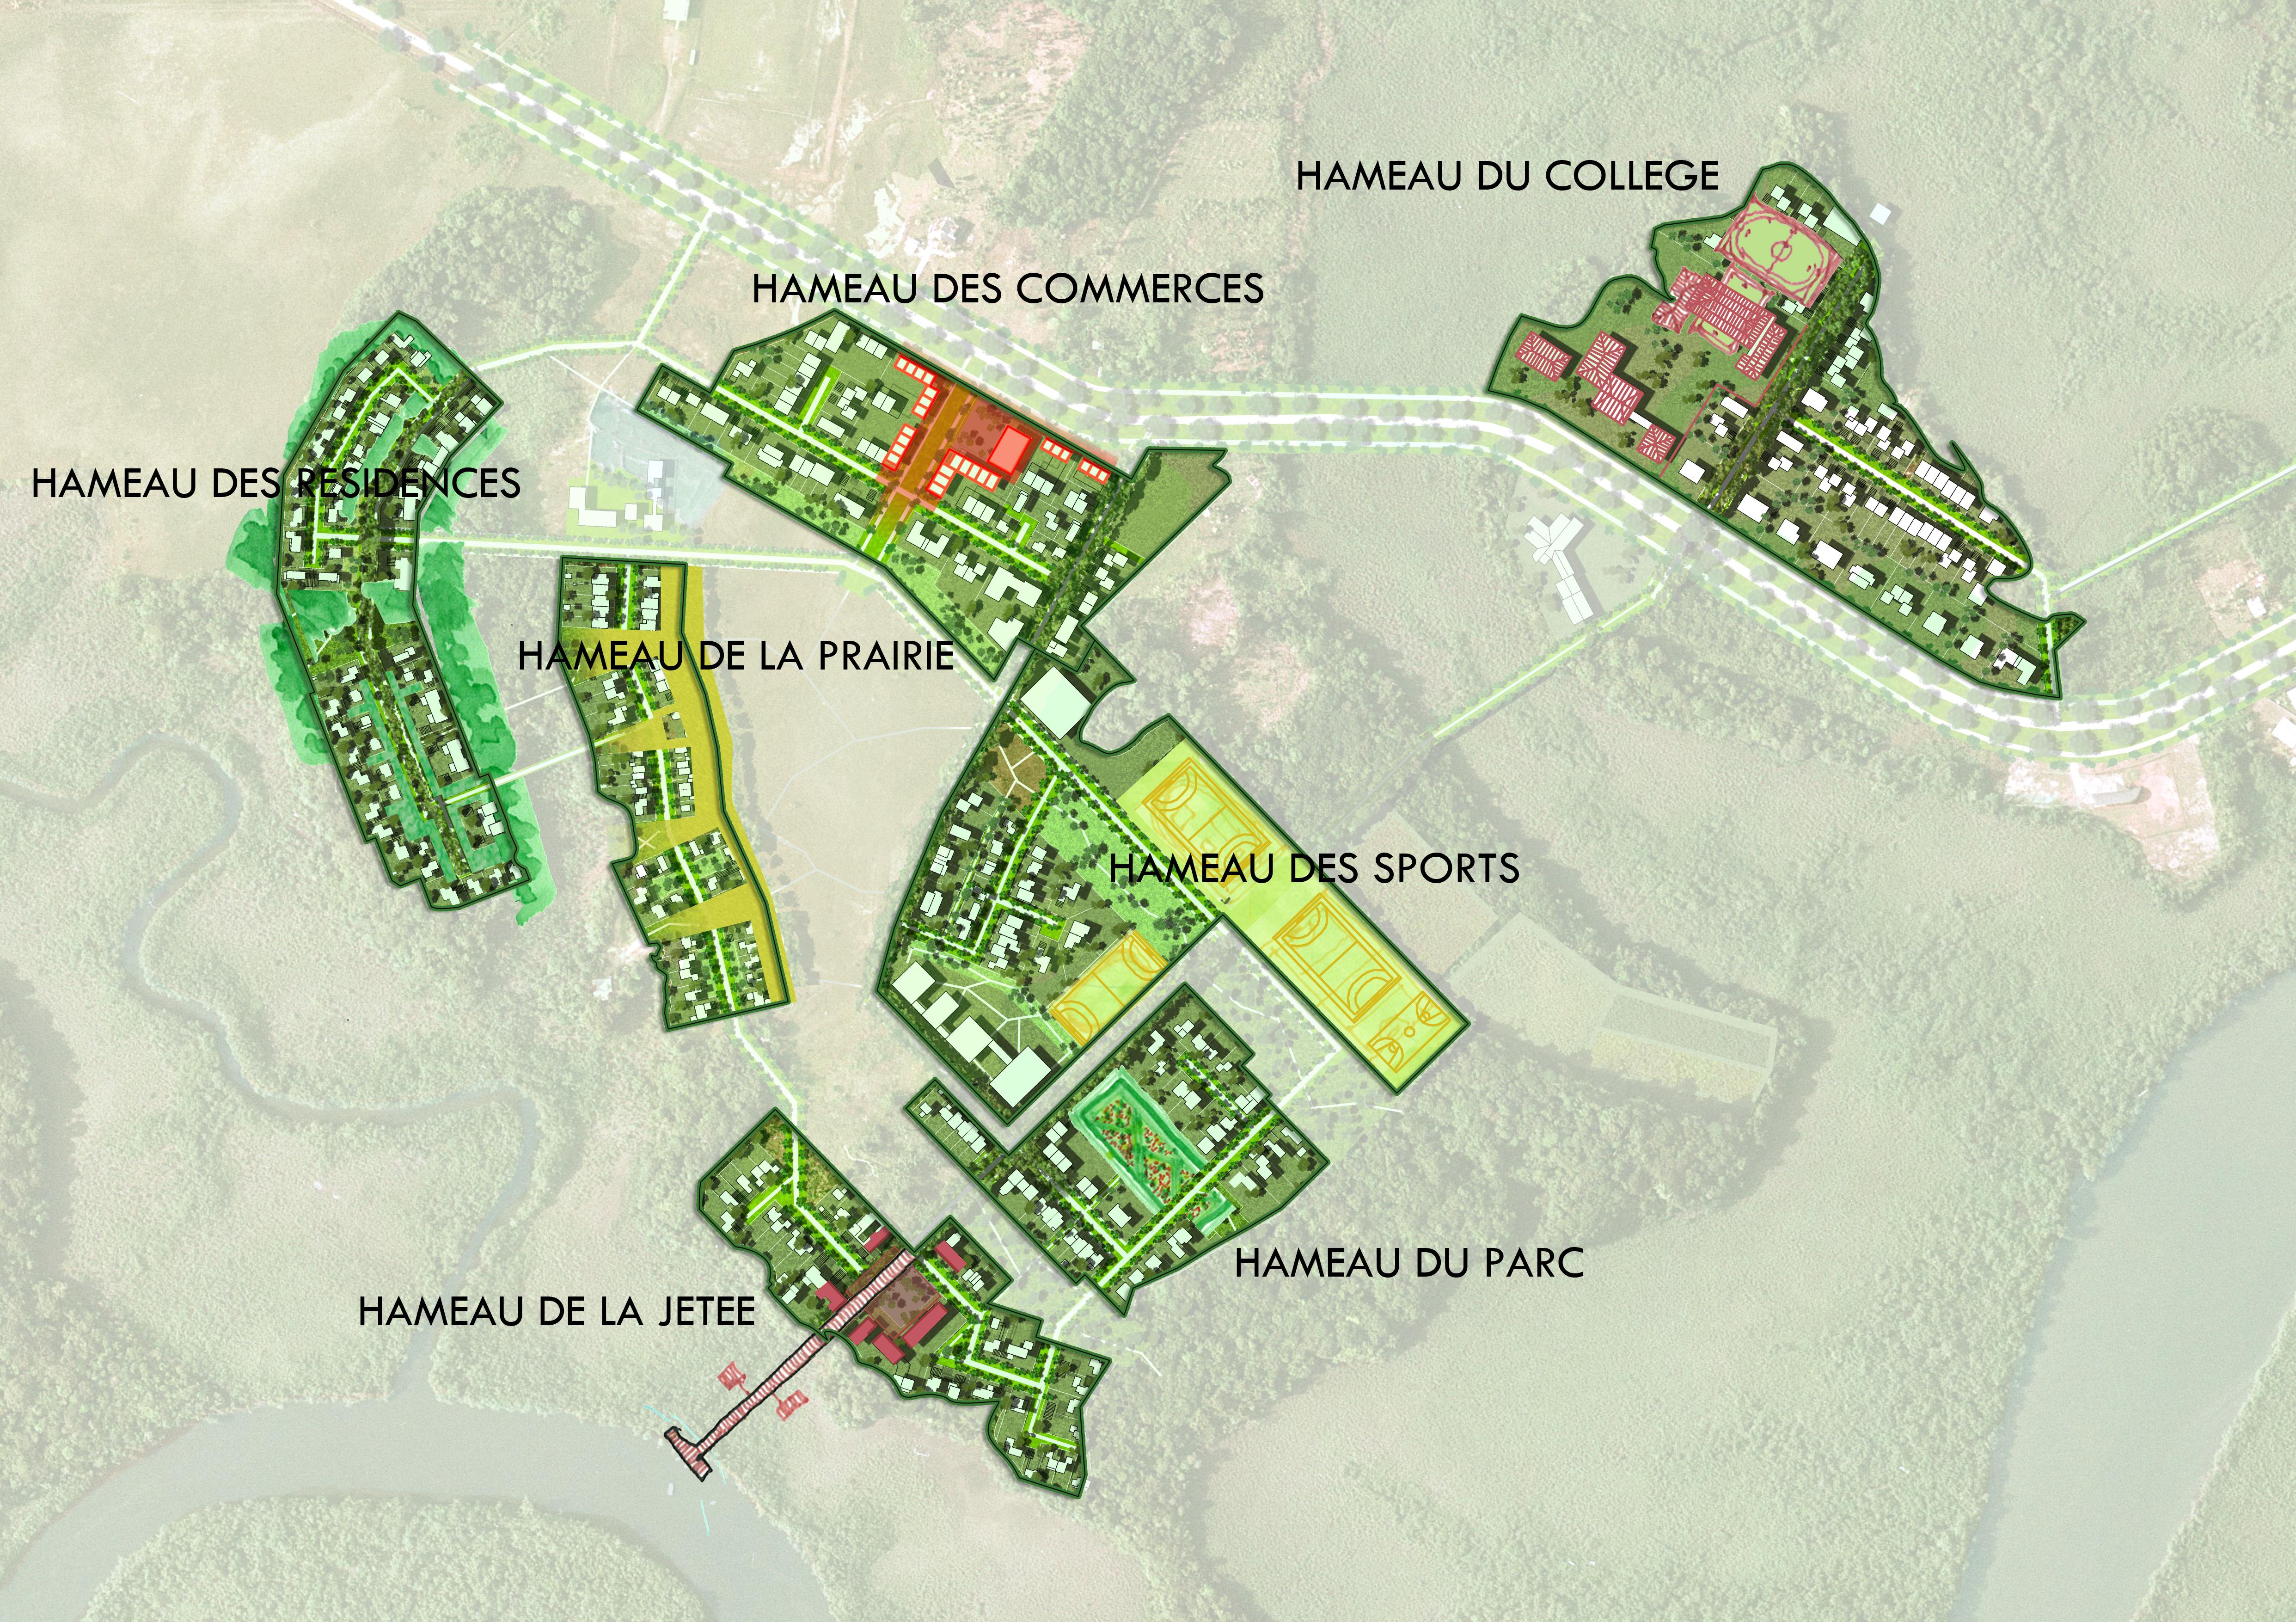 plan des hameaux